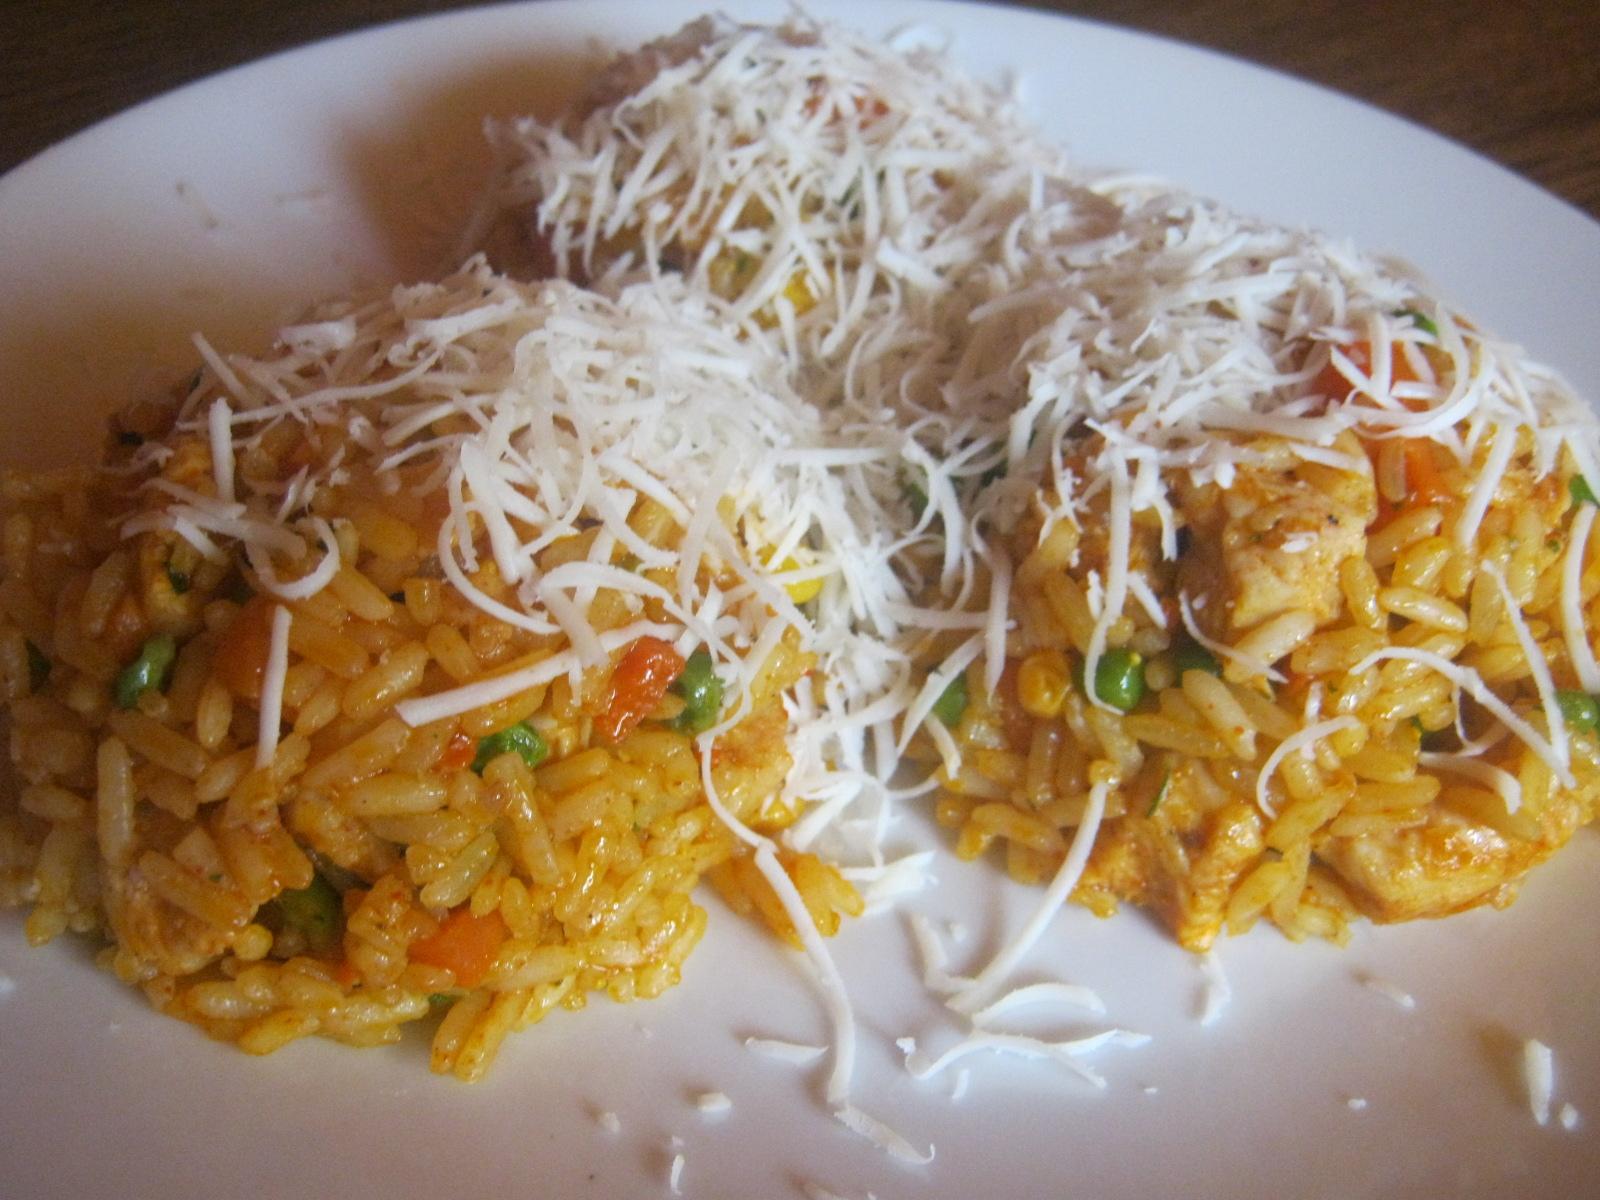 Fotografie receptu: Zeleninové rizoto s kuřecím masem